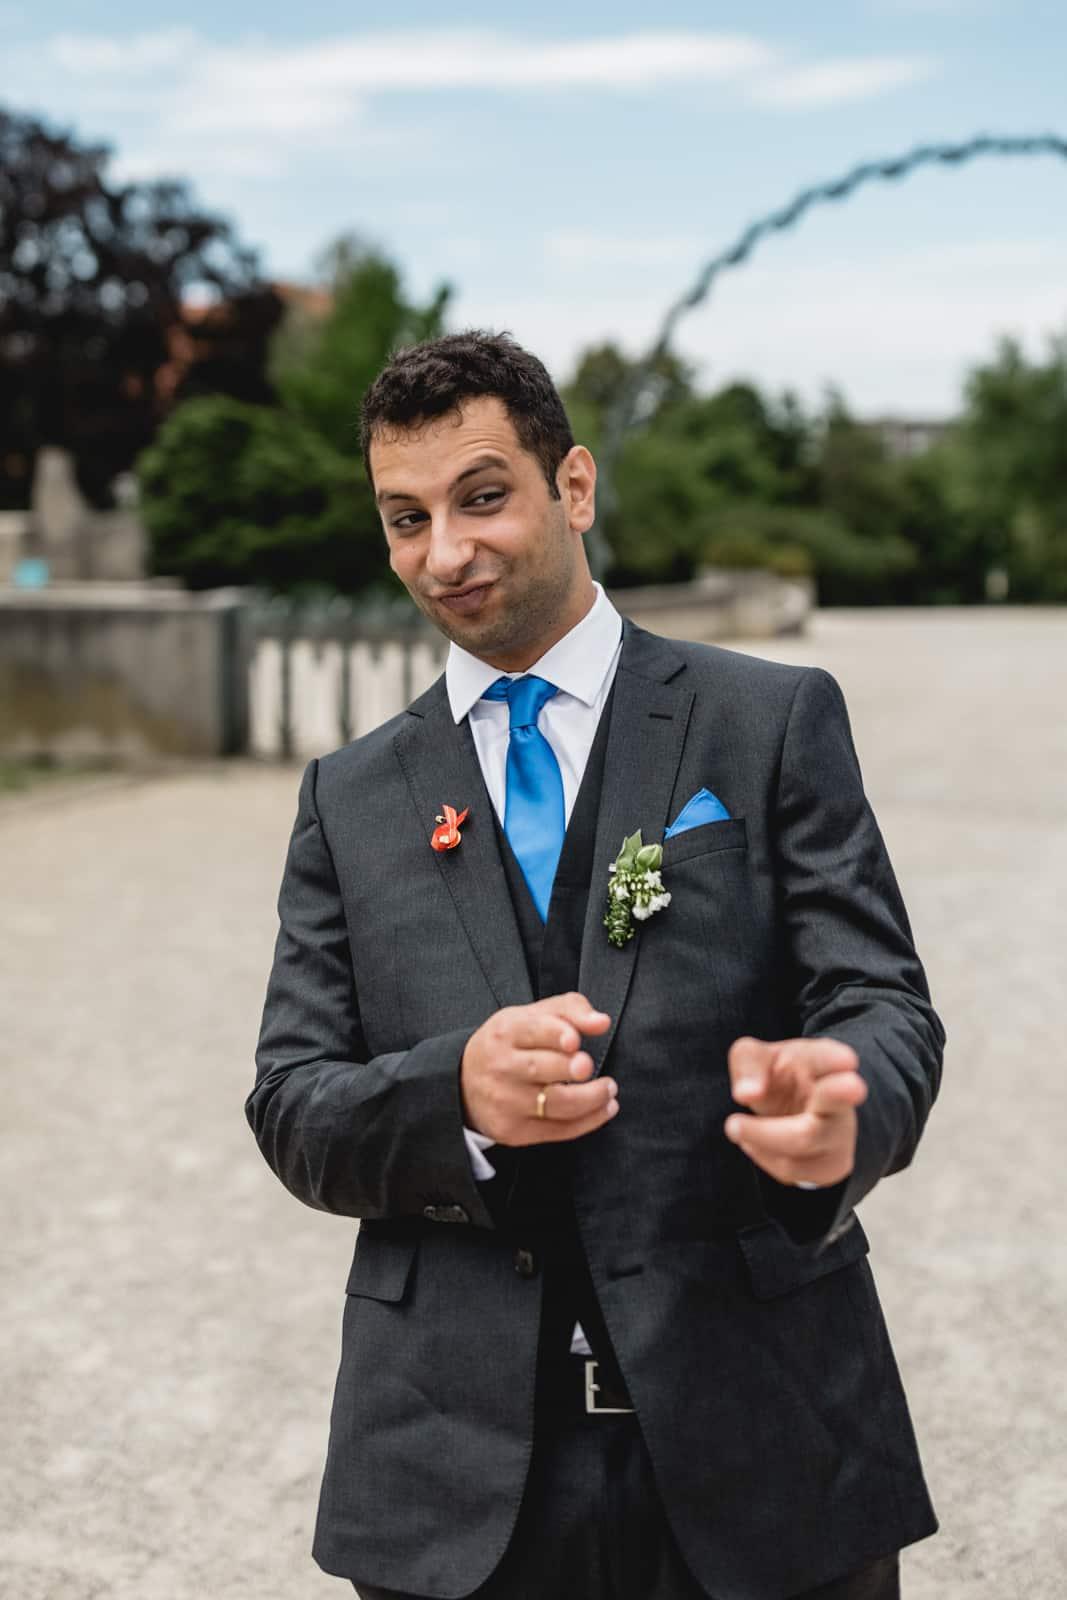 Bräutigam macht witzige Pose rüber zu seiner Frau